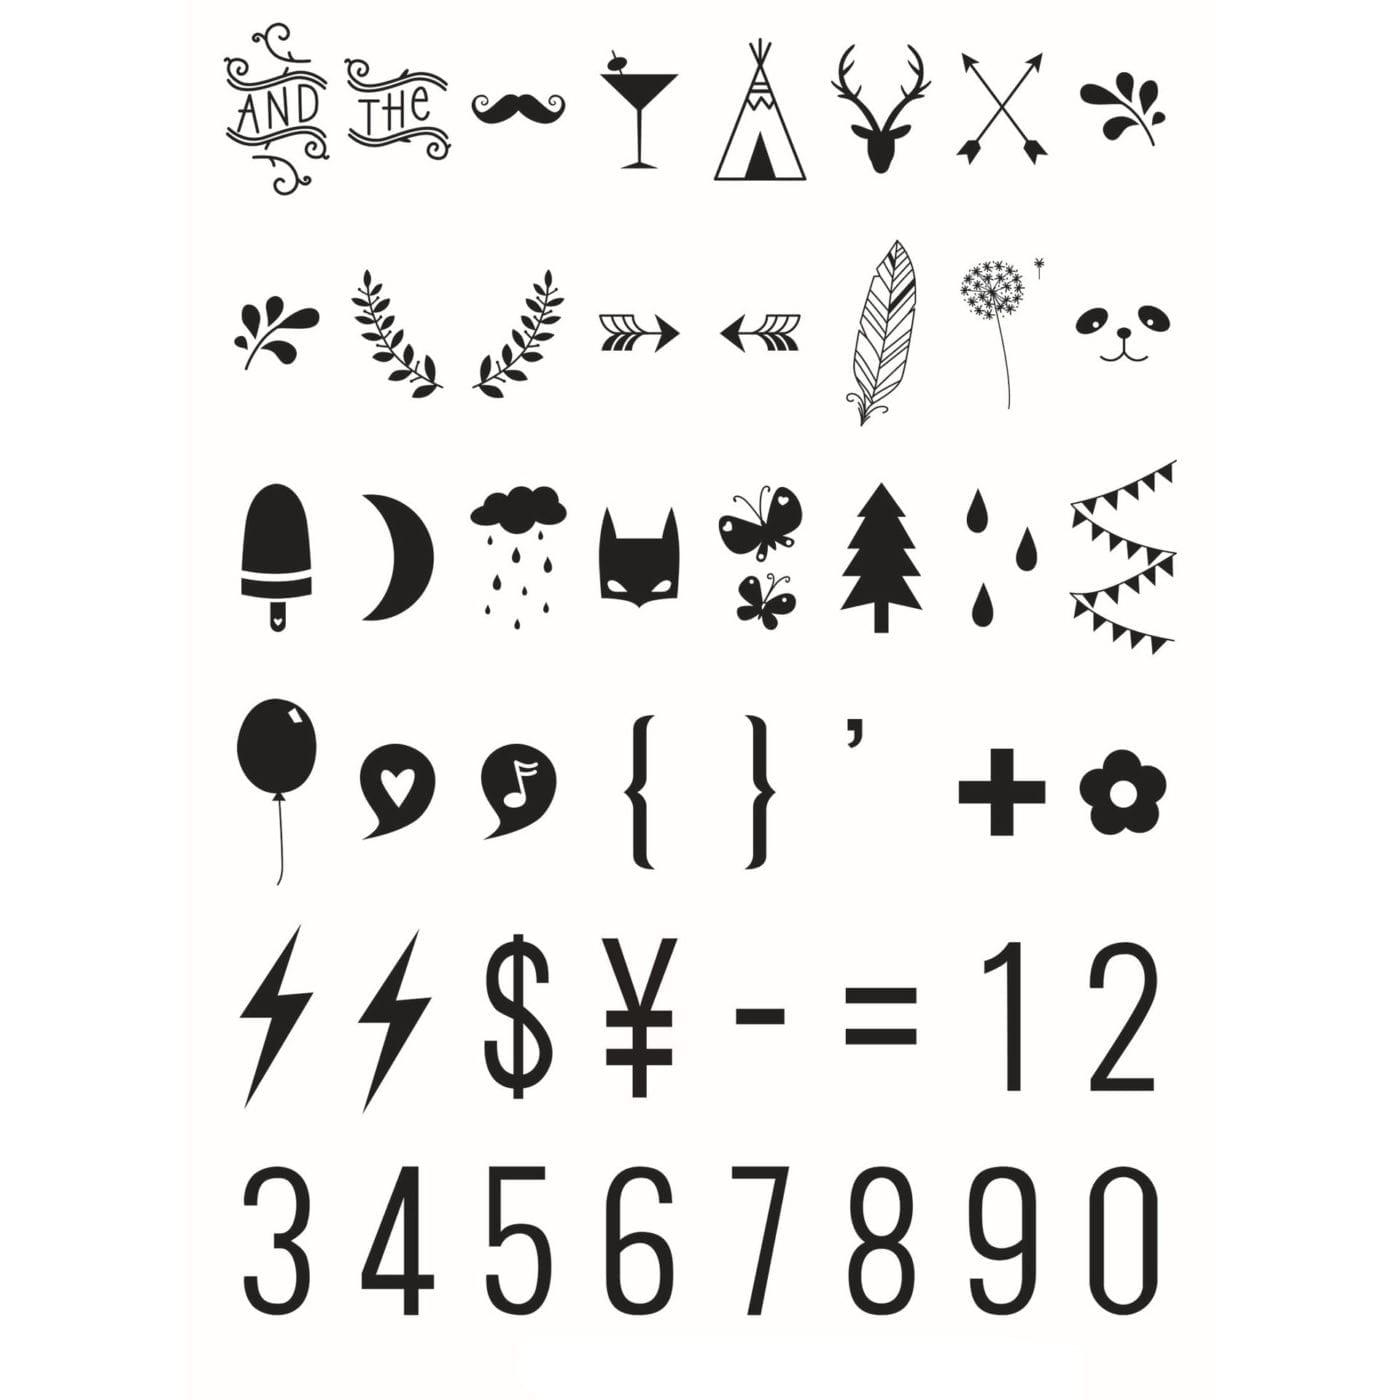 Basic Plus Set (48 cards)